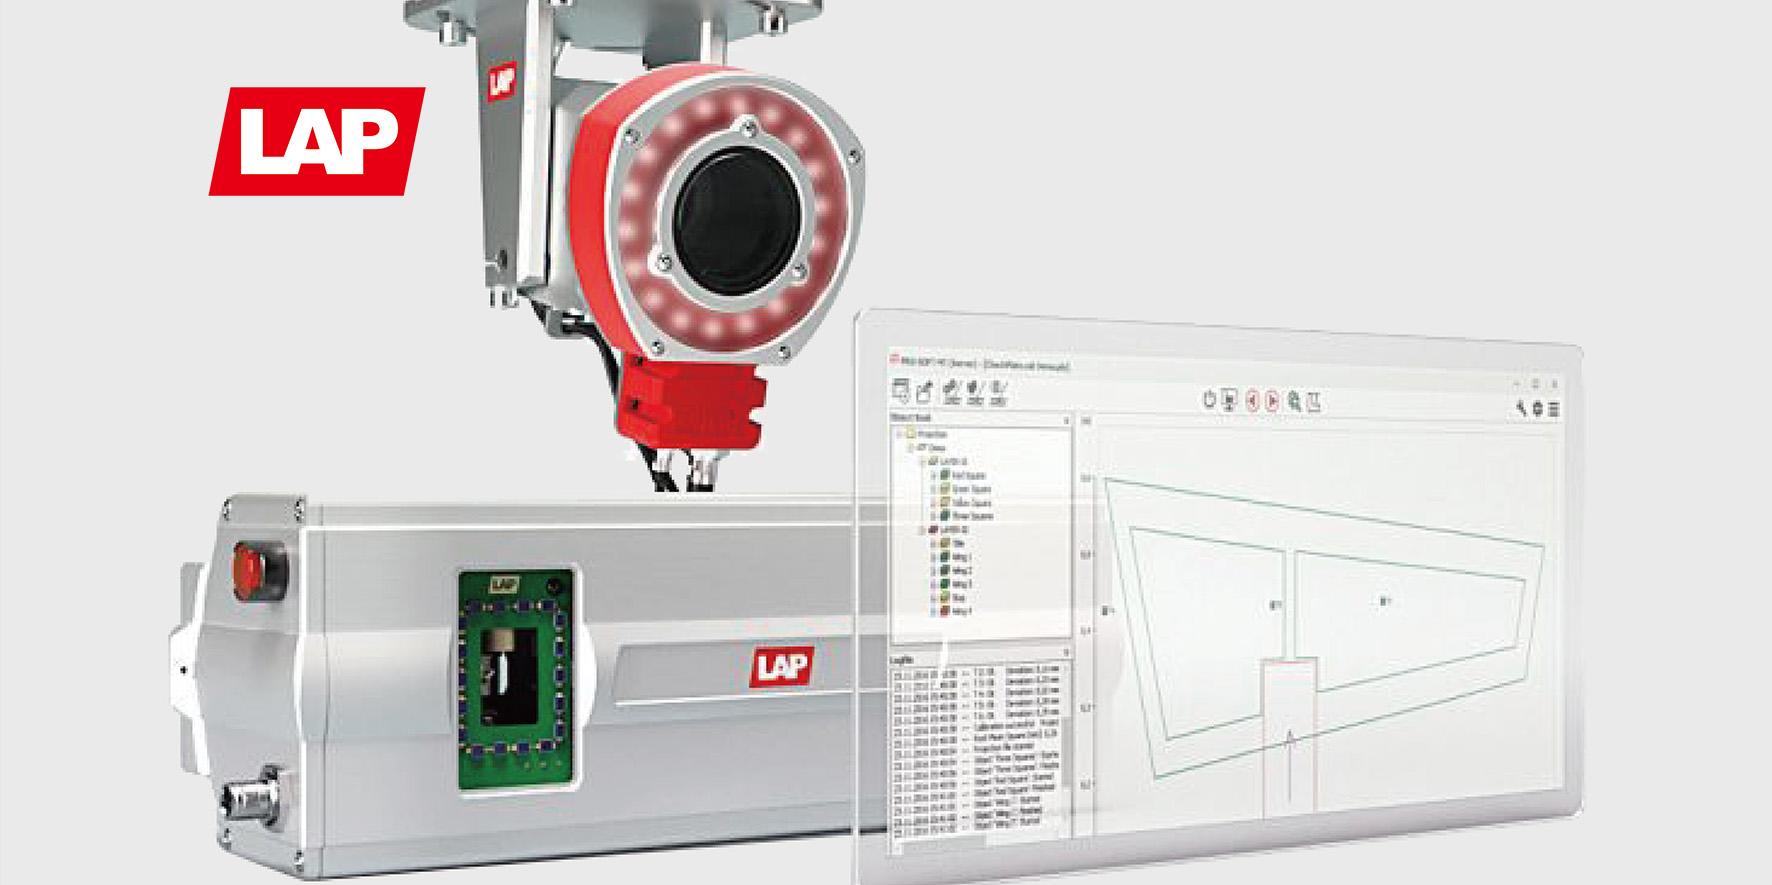 高精度な3Dレーザー技術で、 可視性の高いデジタルガイド環境を構築